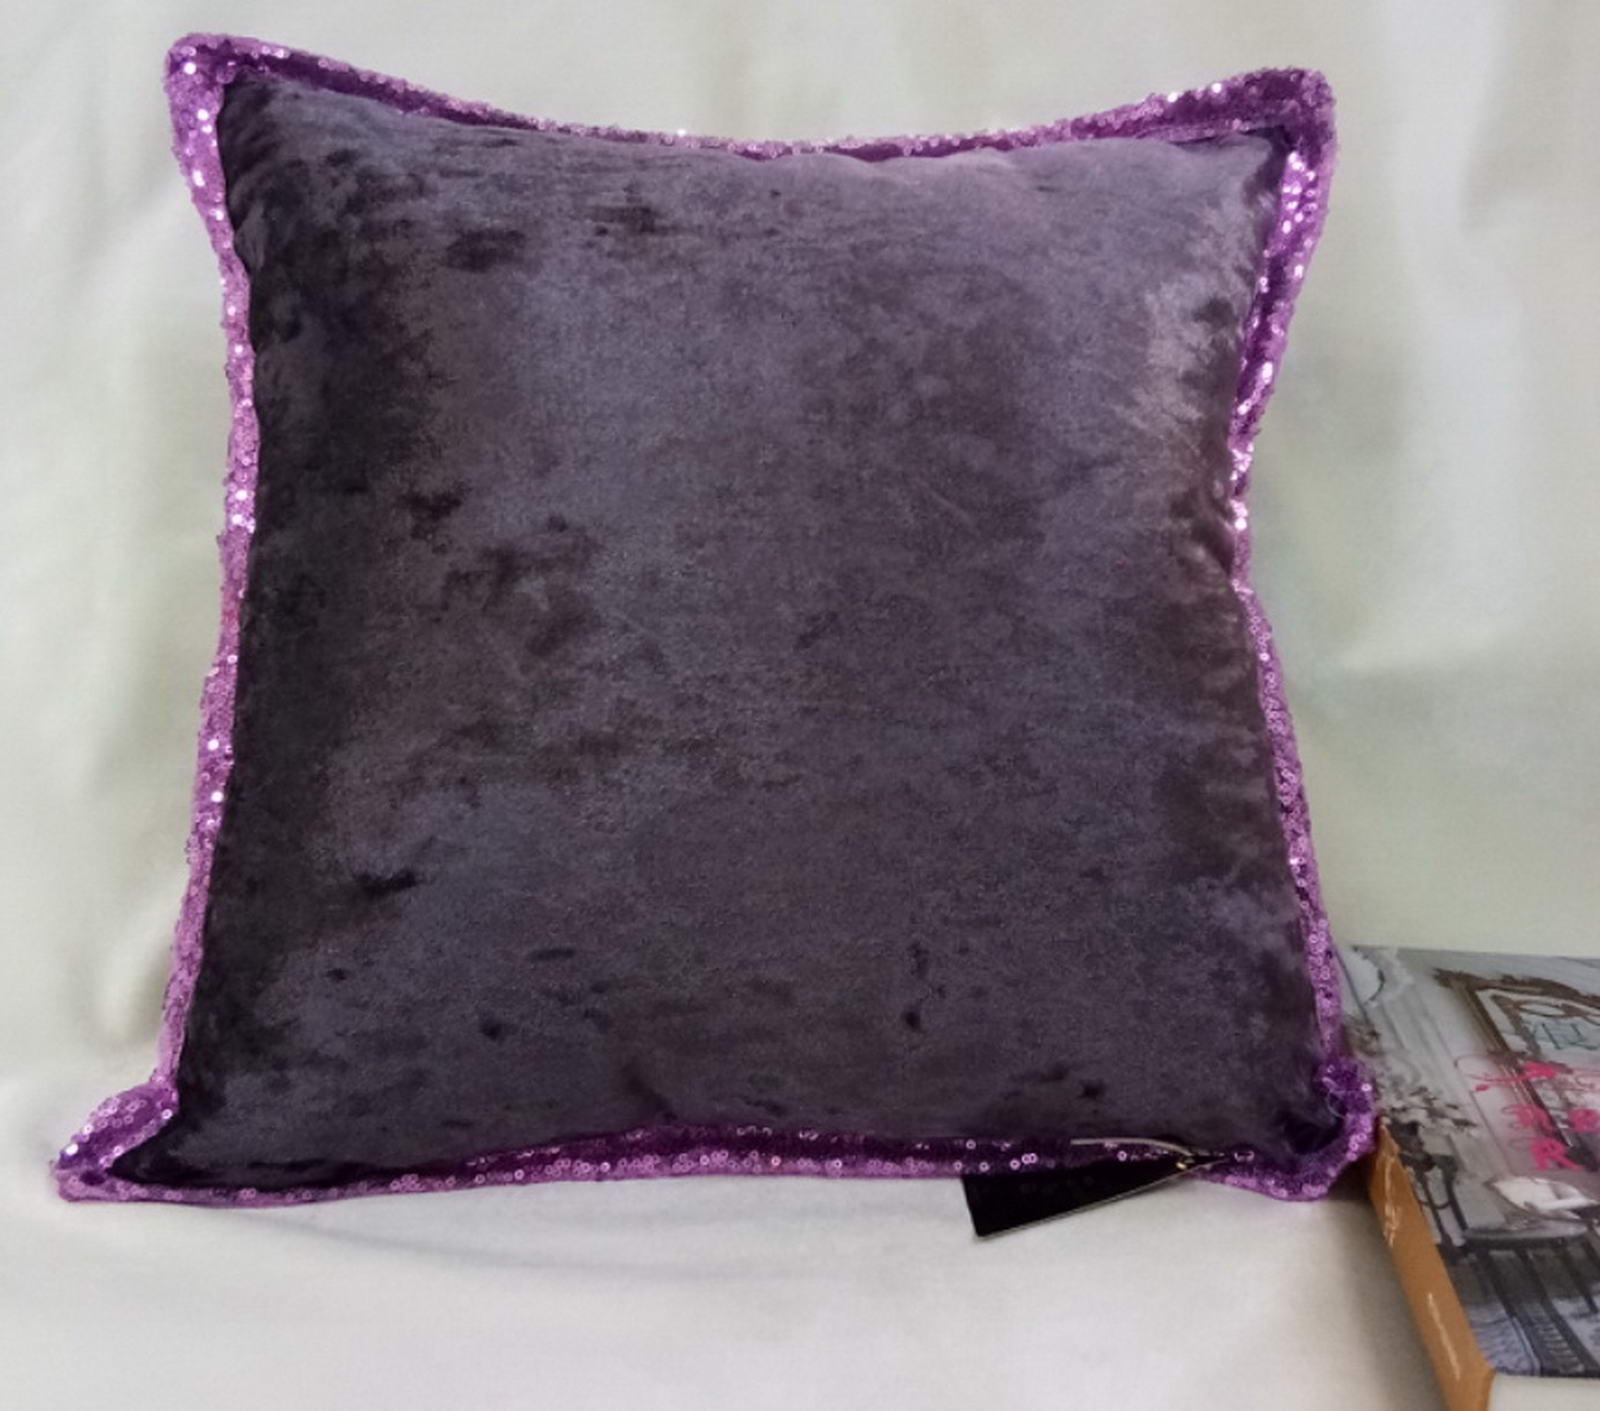 Наволочка Sofi de Marko Клаудия, К08, фиолетовый, 45х45 см